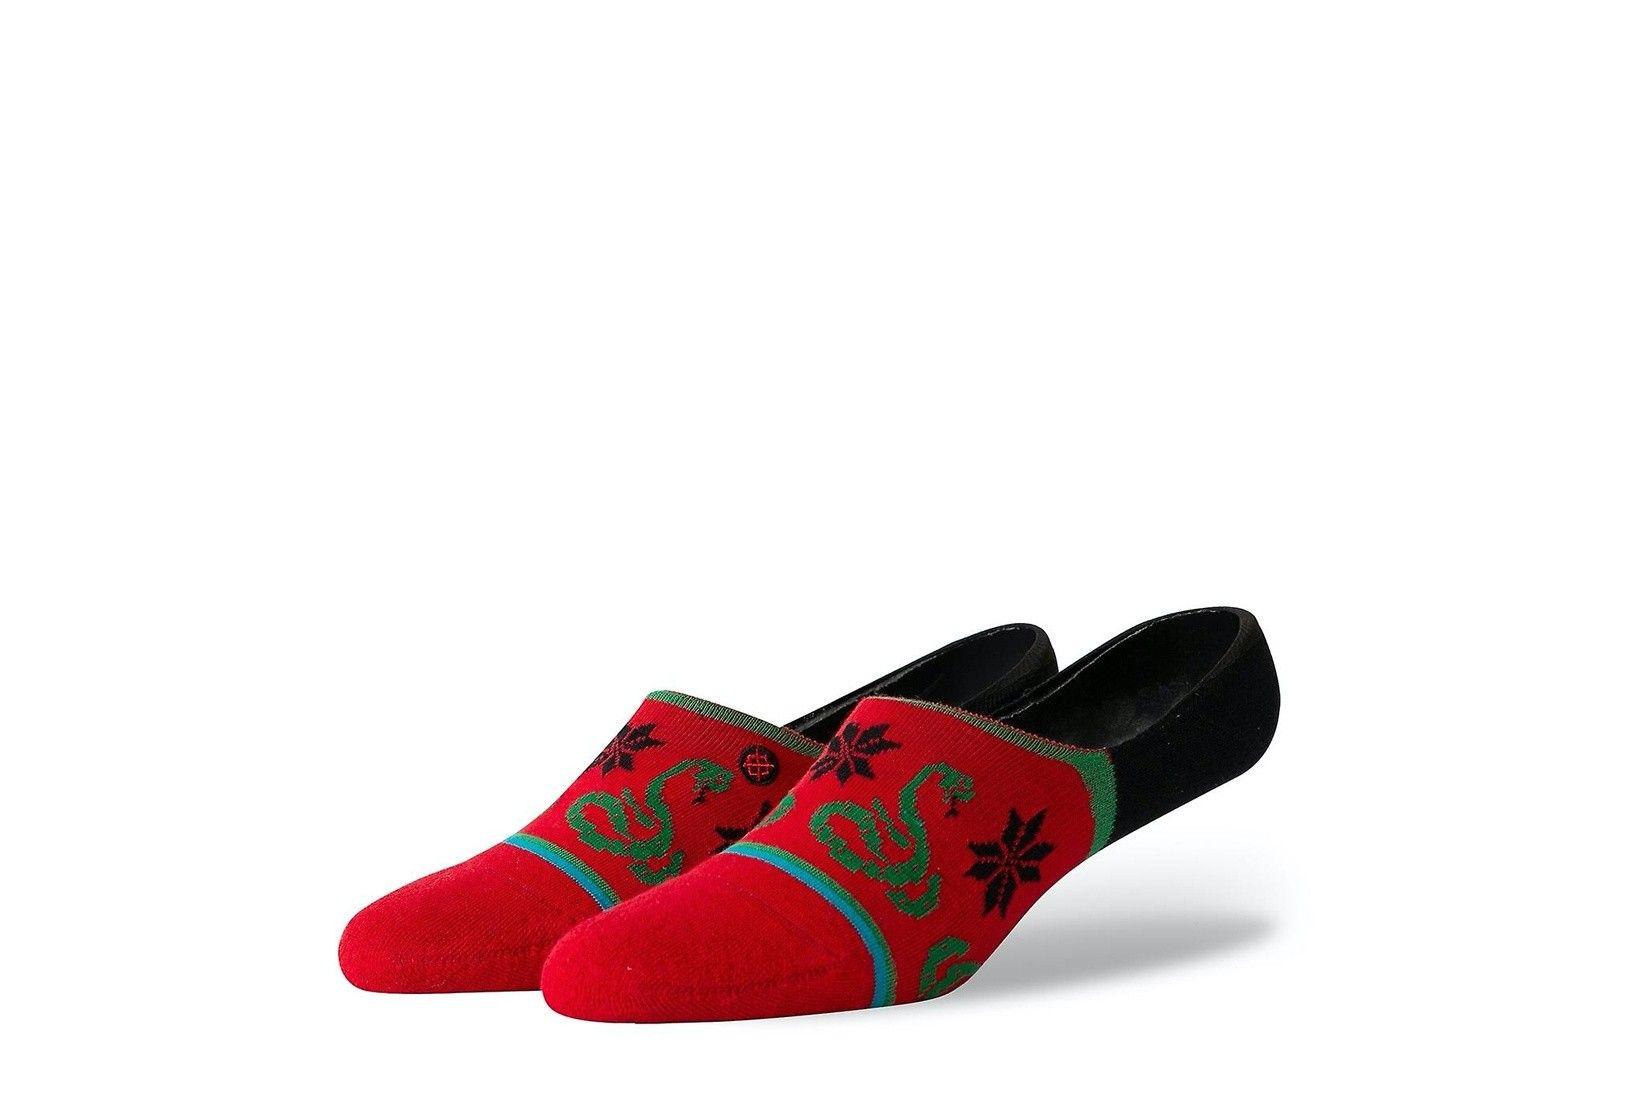 Afbeelding van Stance Stocking Stuffer U145D19Sto Sokken Red